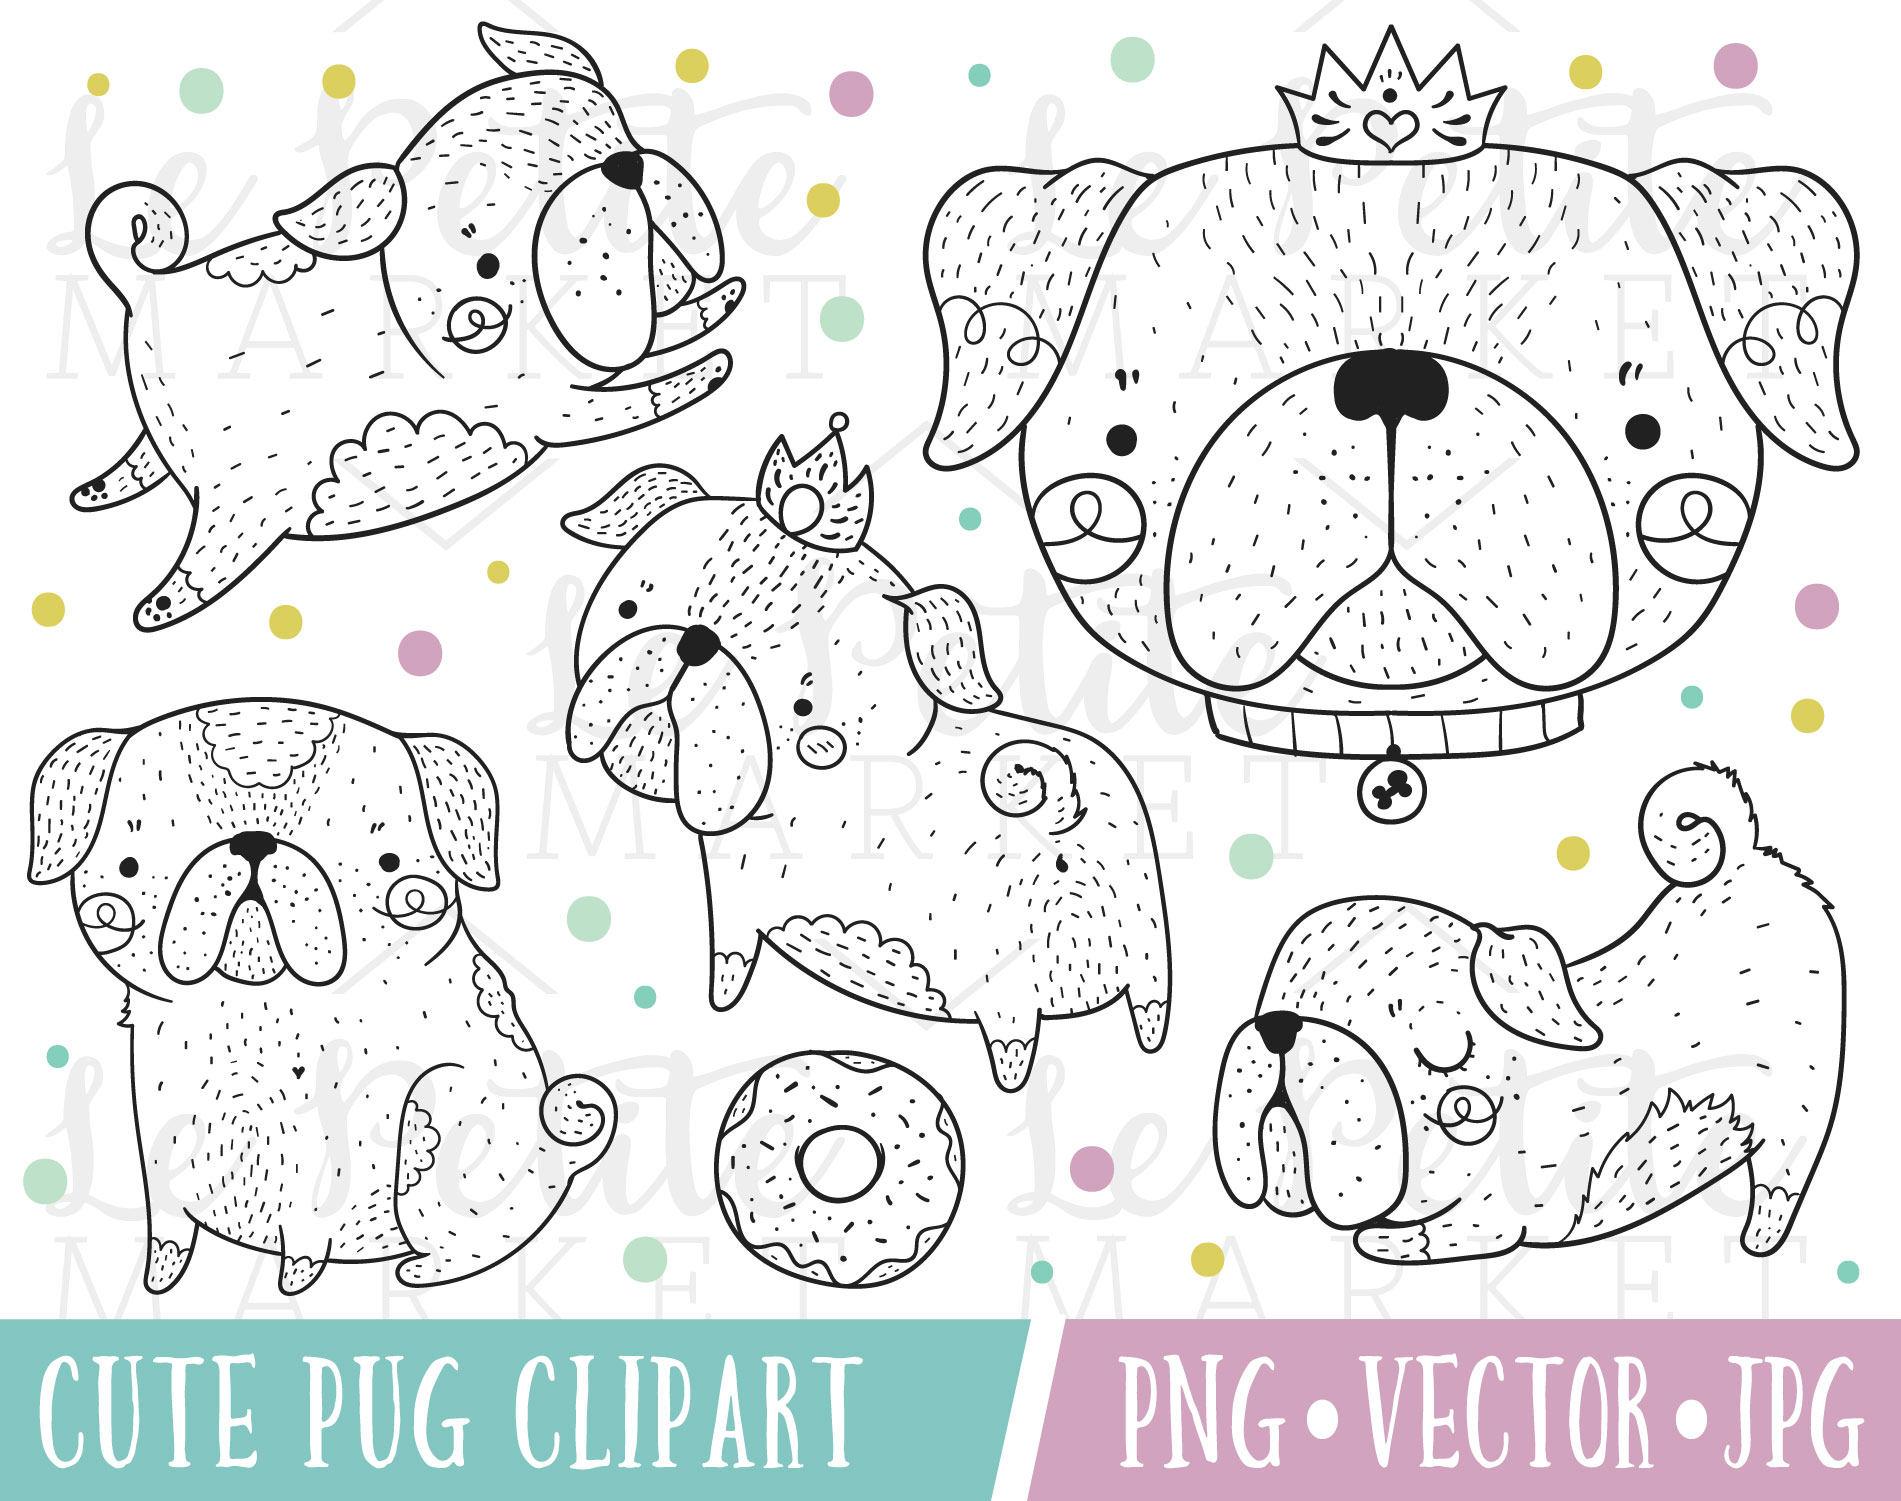 Mano dibujada Pug Digital sellos lindo imágenes prediseñadas